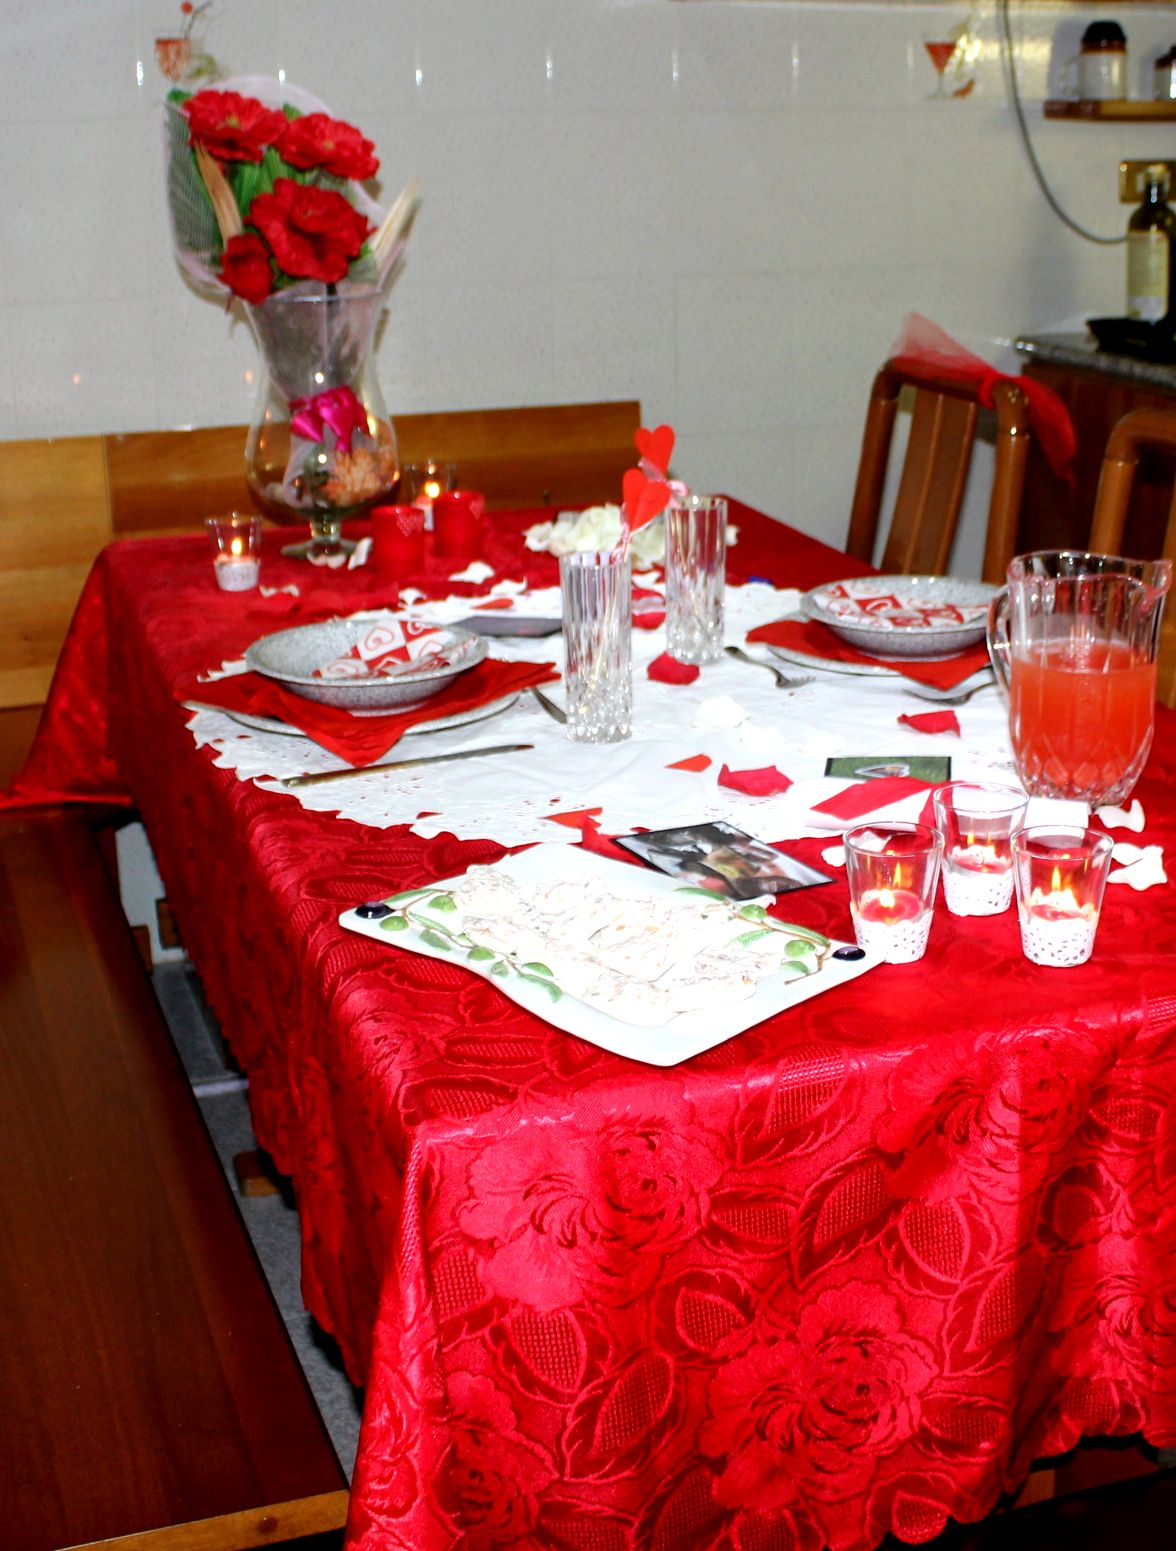 Tavola per una cena romantica la cucina dei balocchi for Tavola per cucina